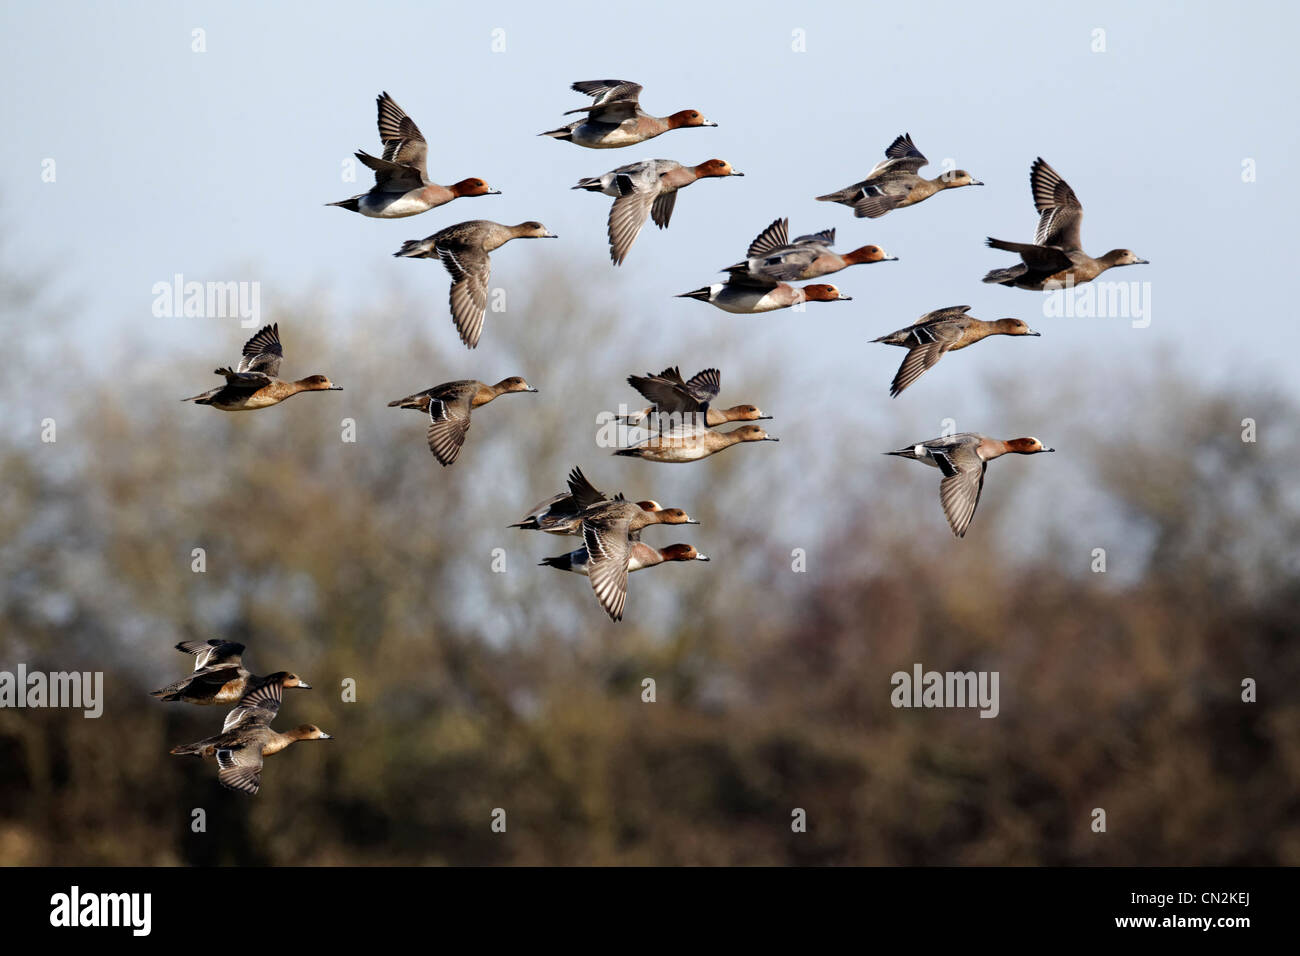 Siffleur, l'Anas penelope, groupe d'oiseaux en vol, Gloucestershire, Mars 2012 Photo Stock